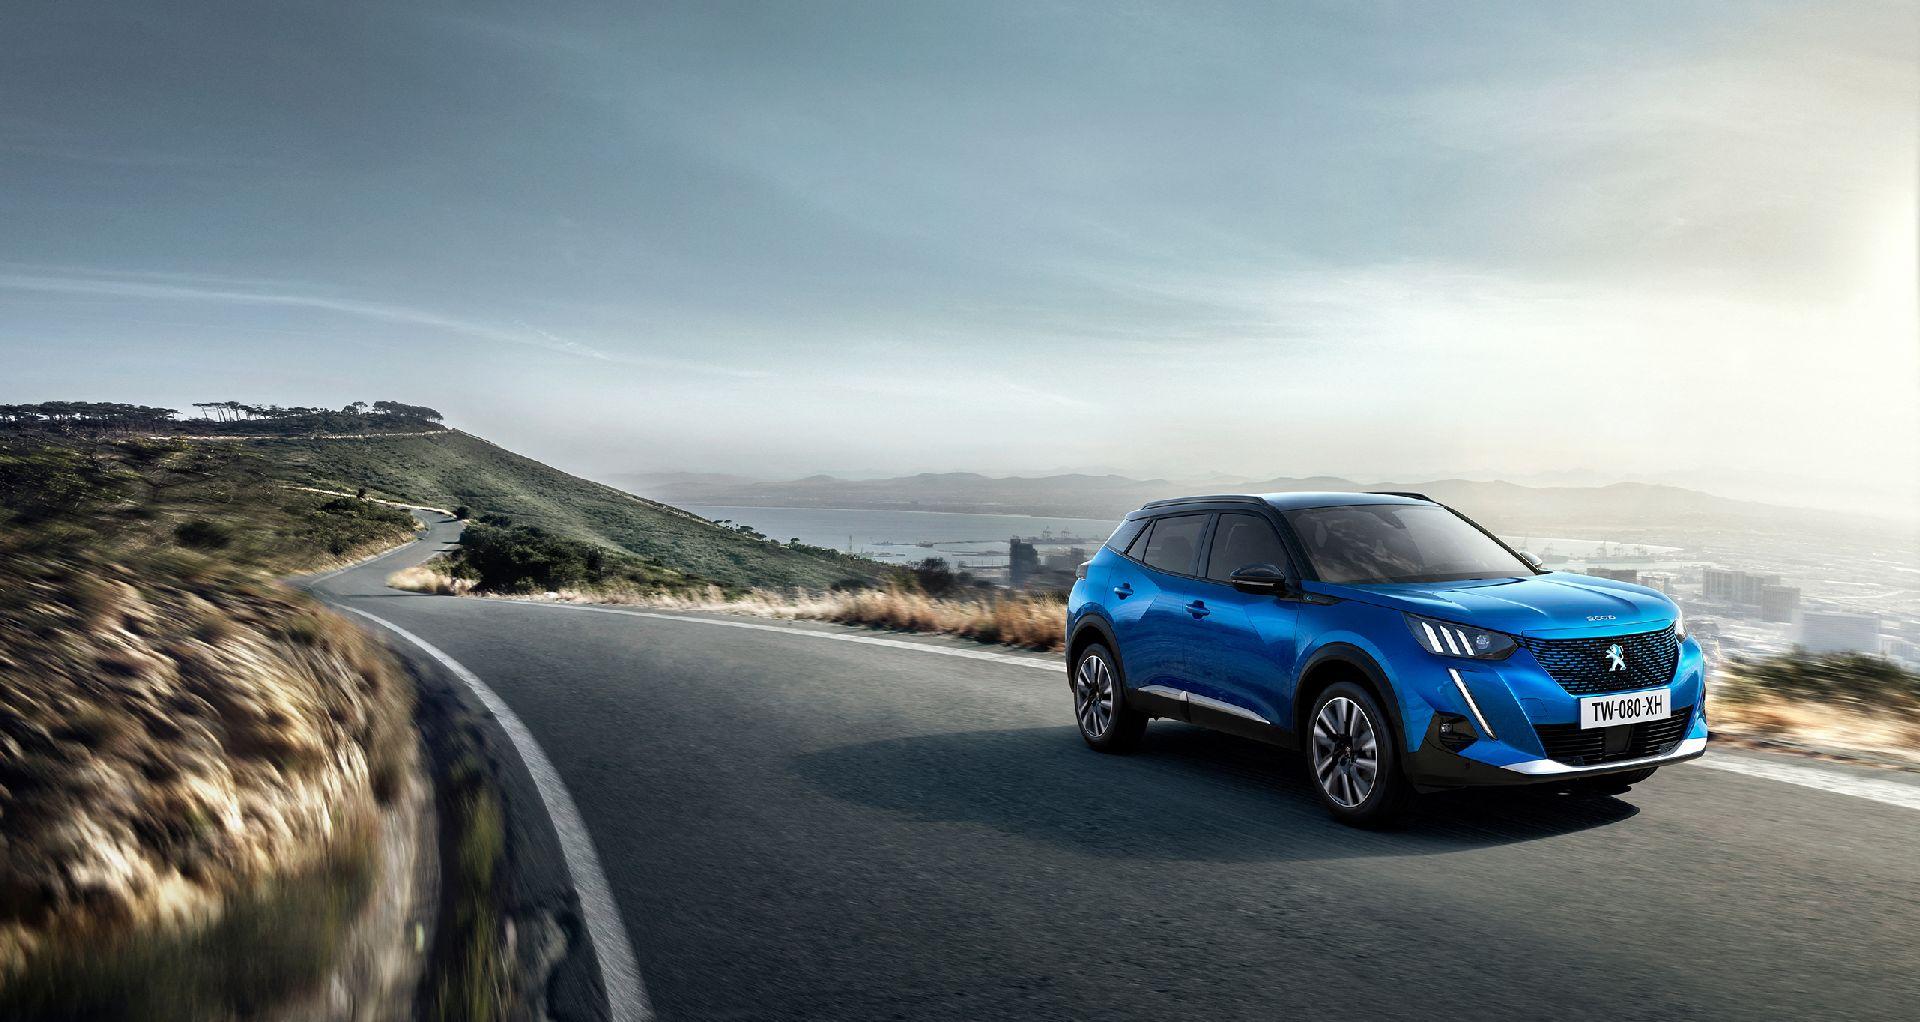 Peugeot giới thiệu thế hệ mới 2008 có thêm phiên bản chạy hoàn toàn bằng điện - 10